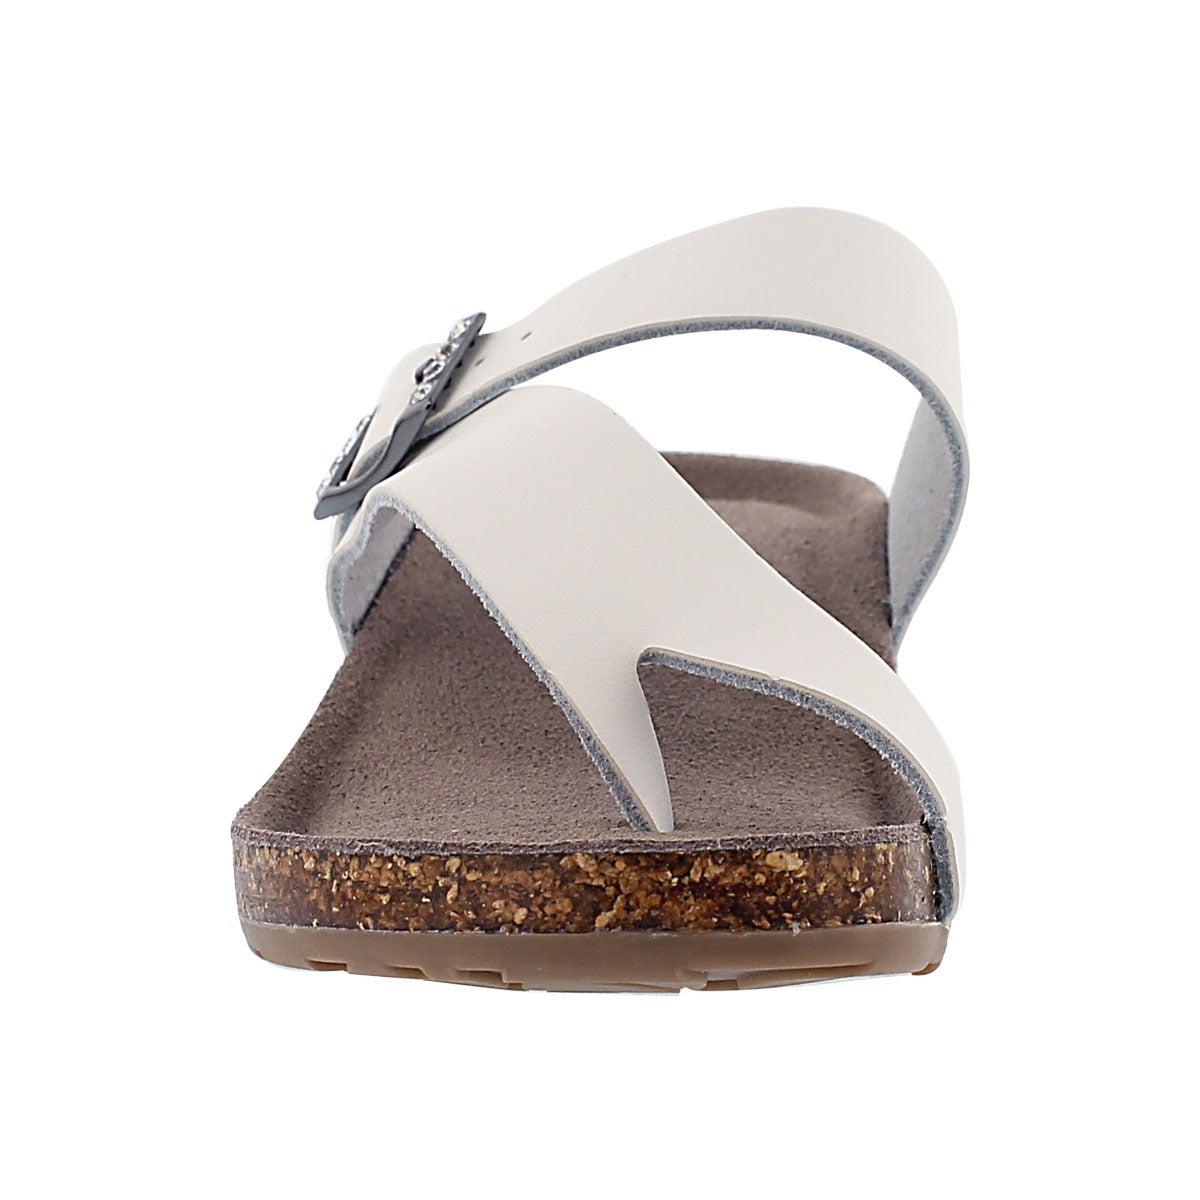 Lds Amber 3 white memory foam sandal